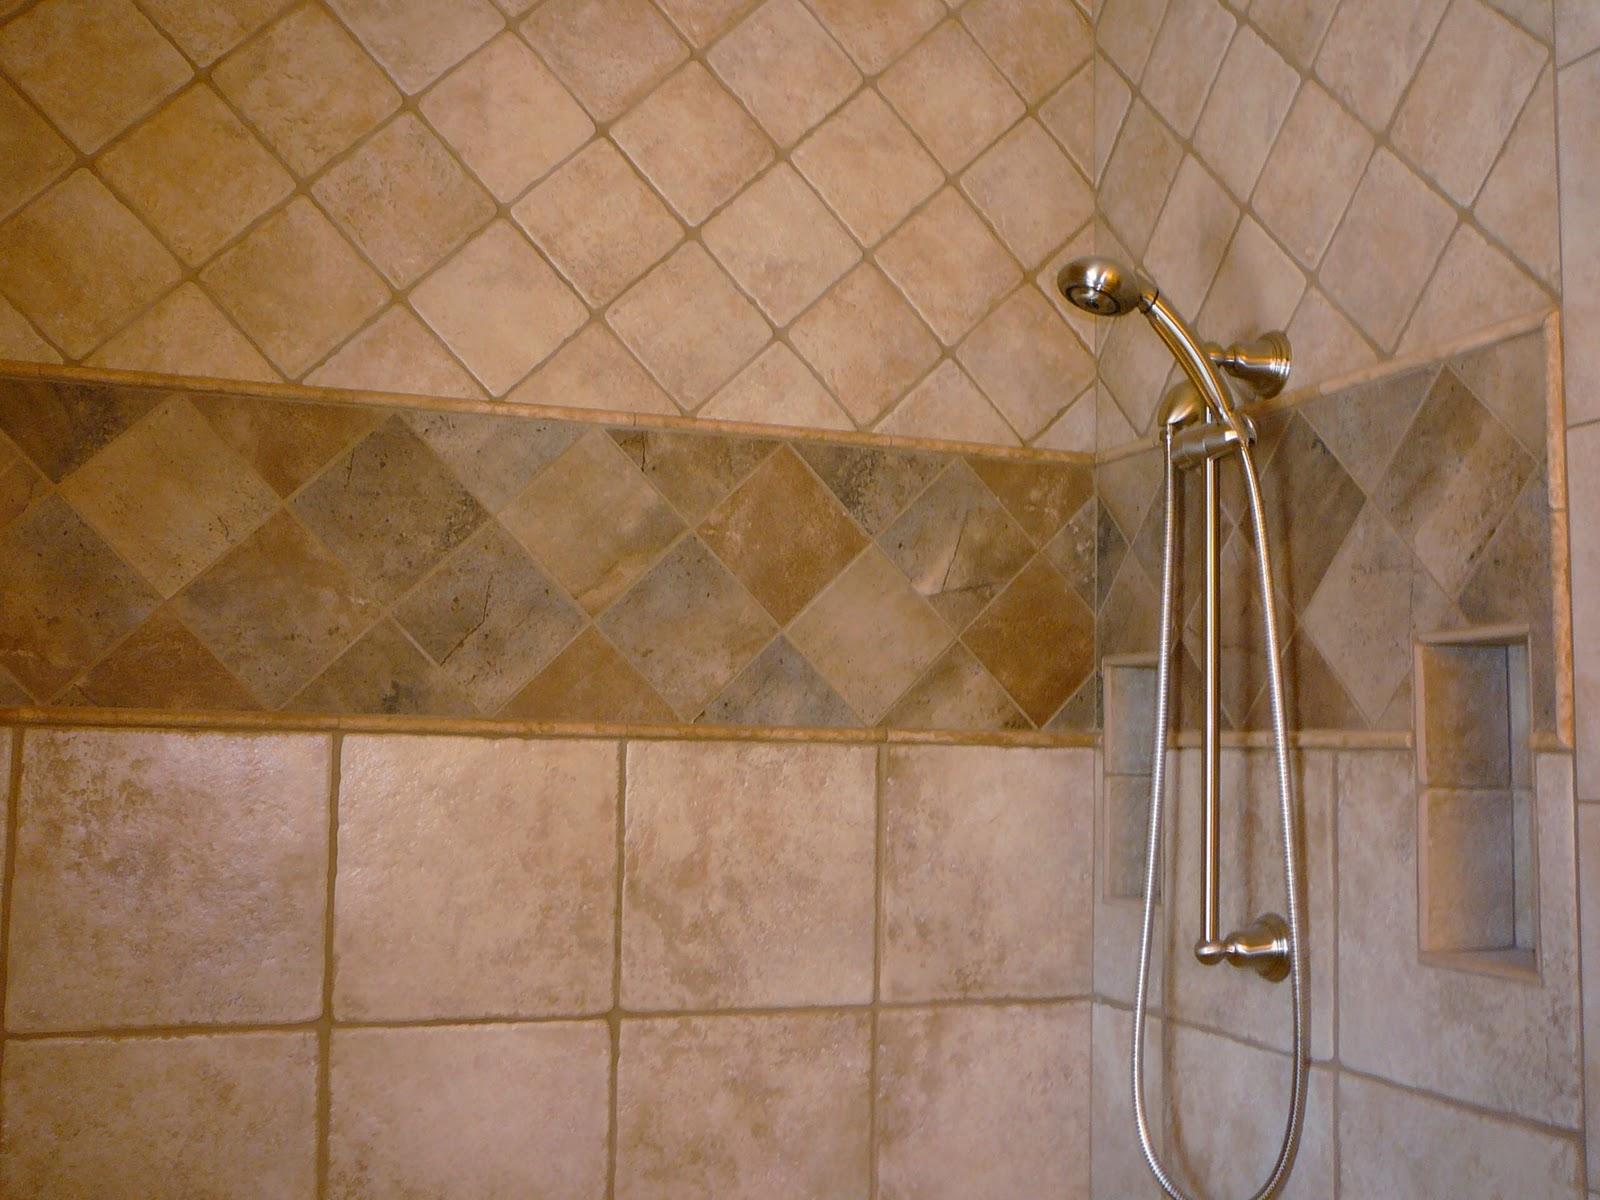 Creative Tile Designs Ceramic Tile Vs Porcelian Tile Part 1